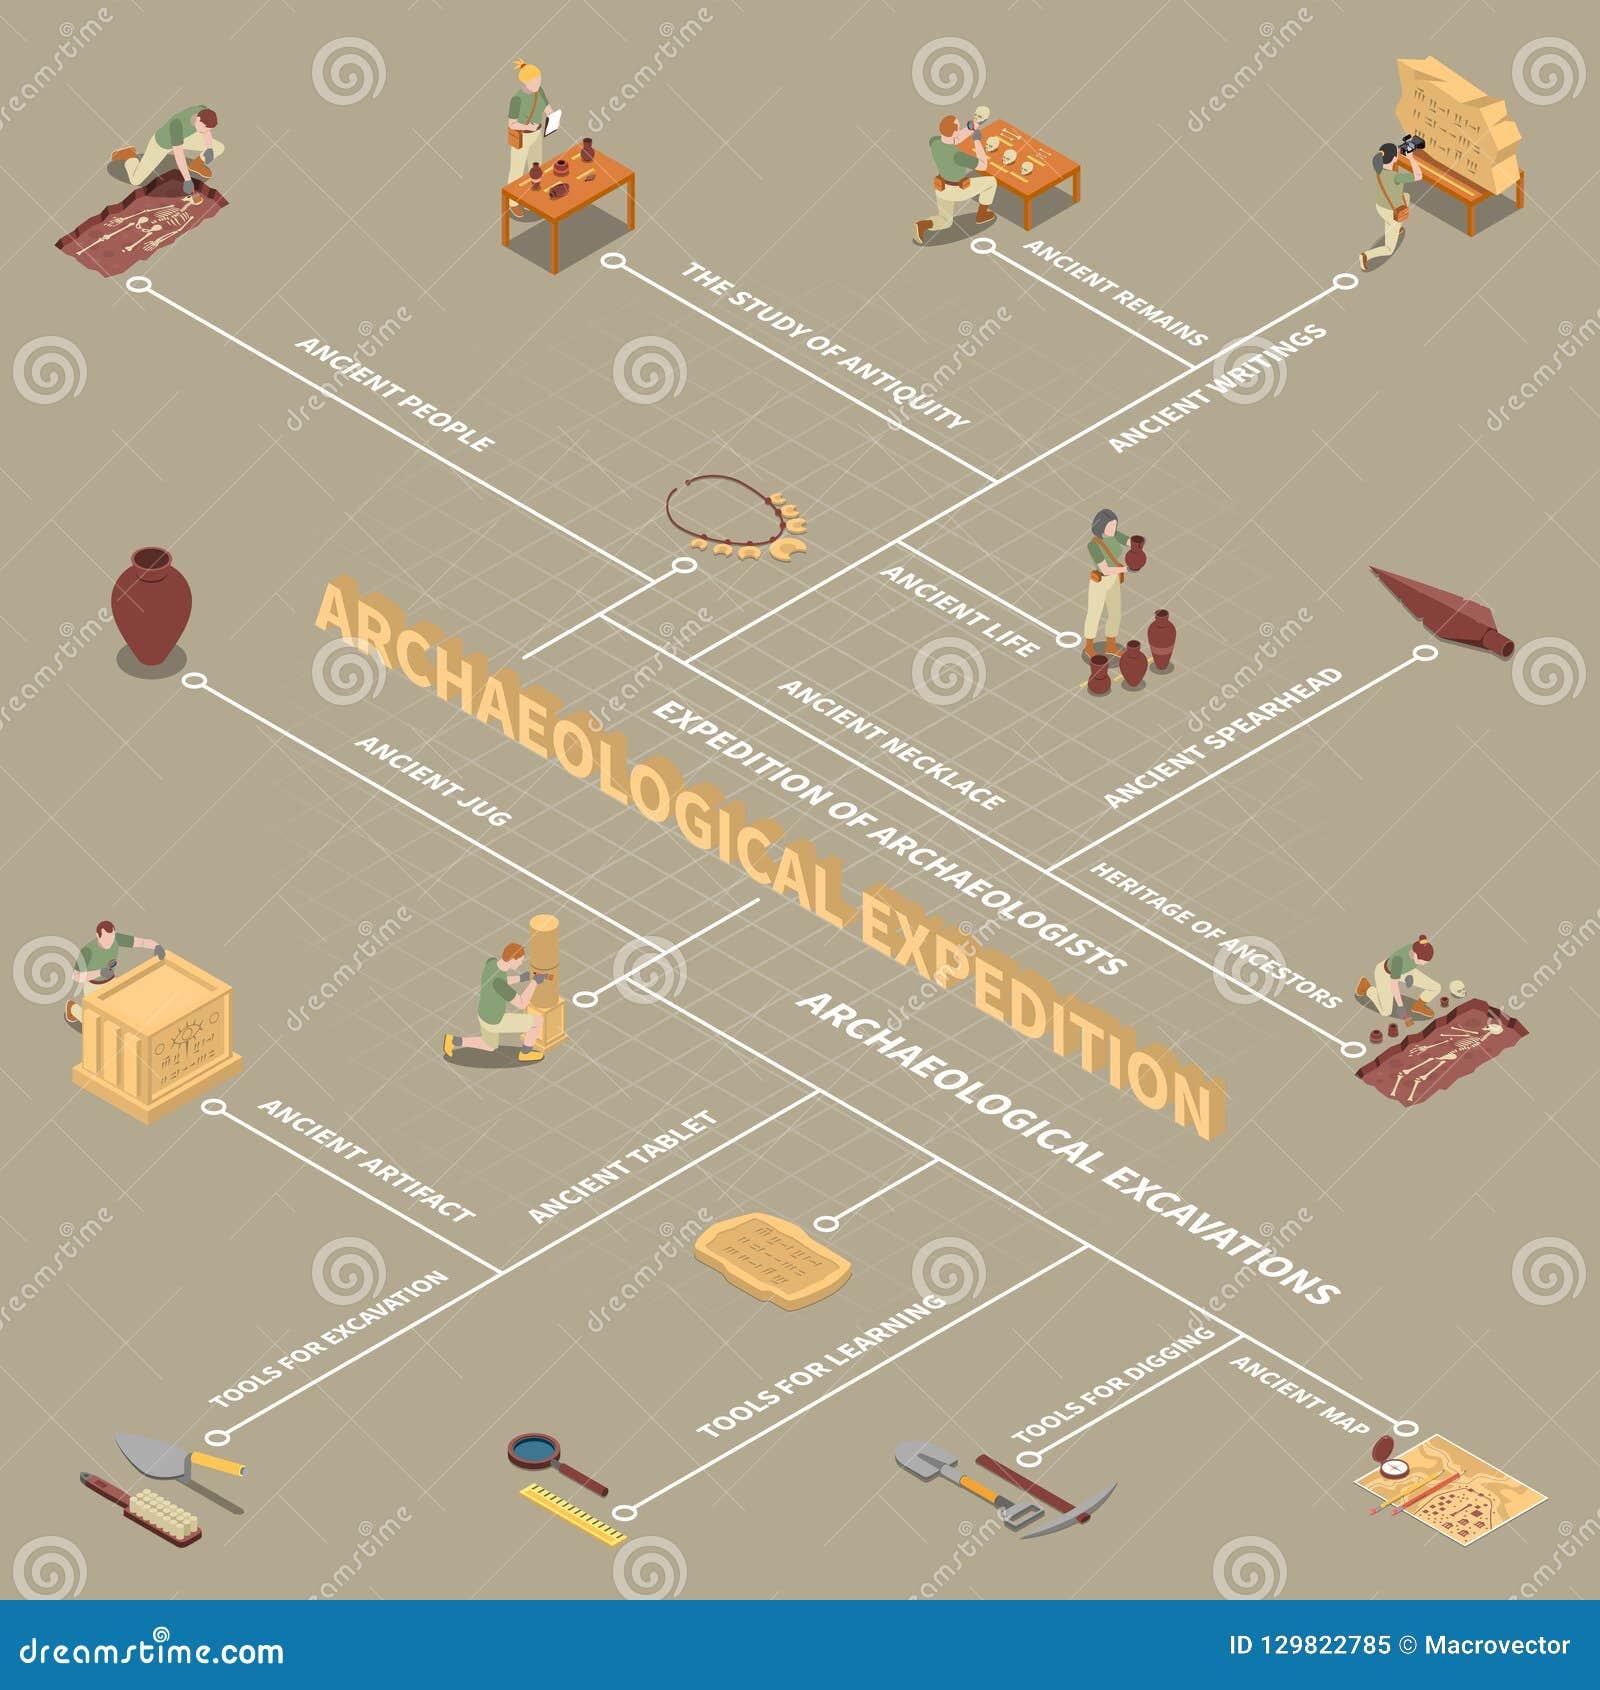 Organigrama isométrico de la arqueología